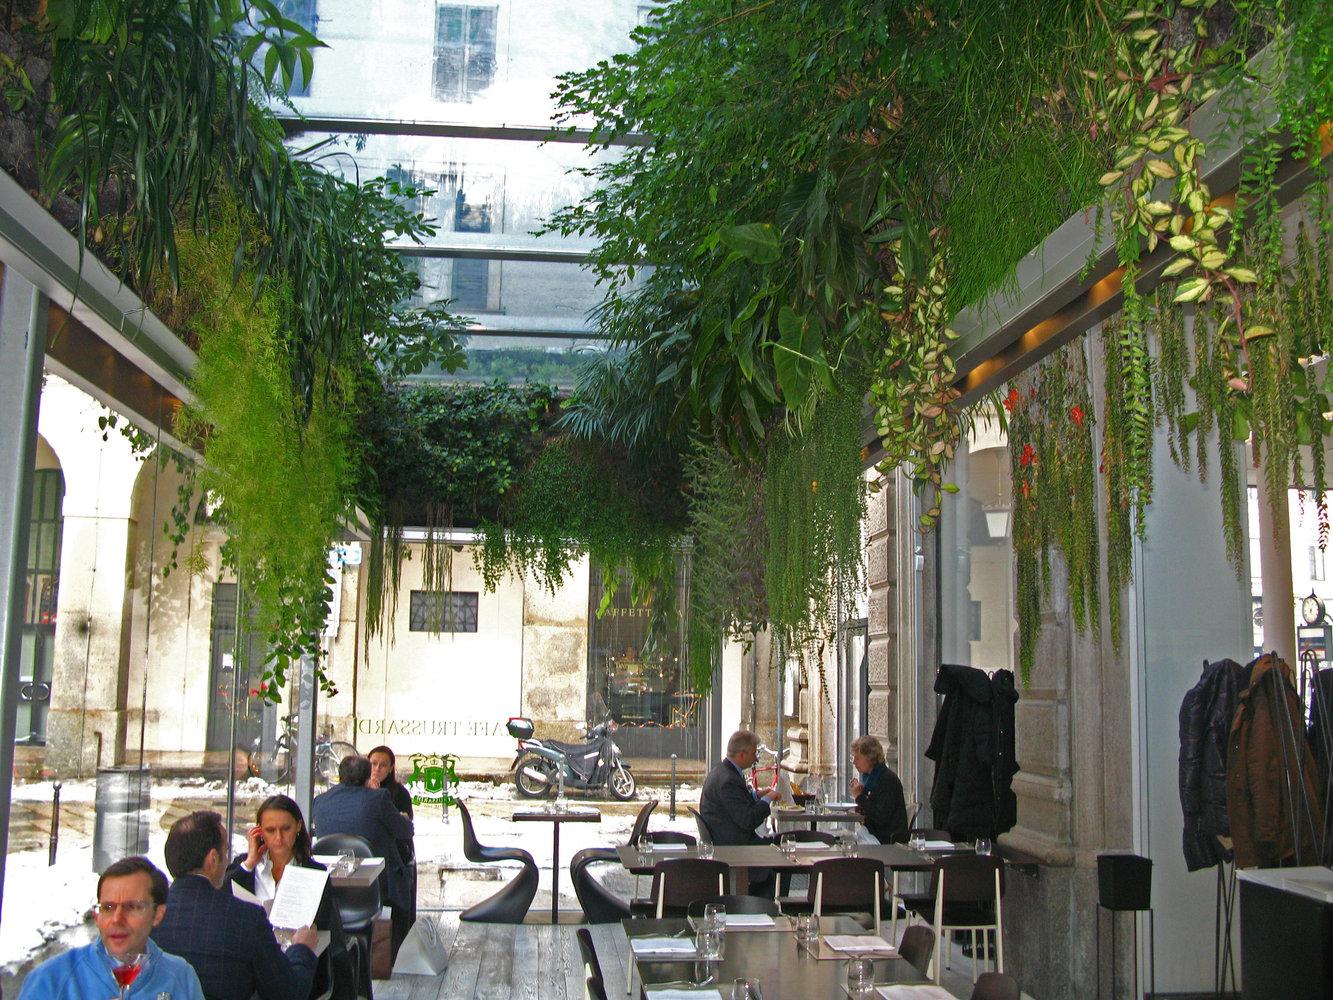 Presse Cafe Francais